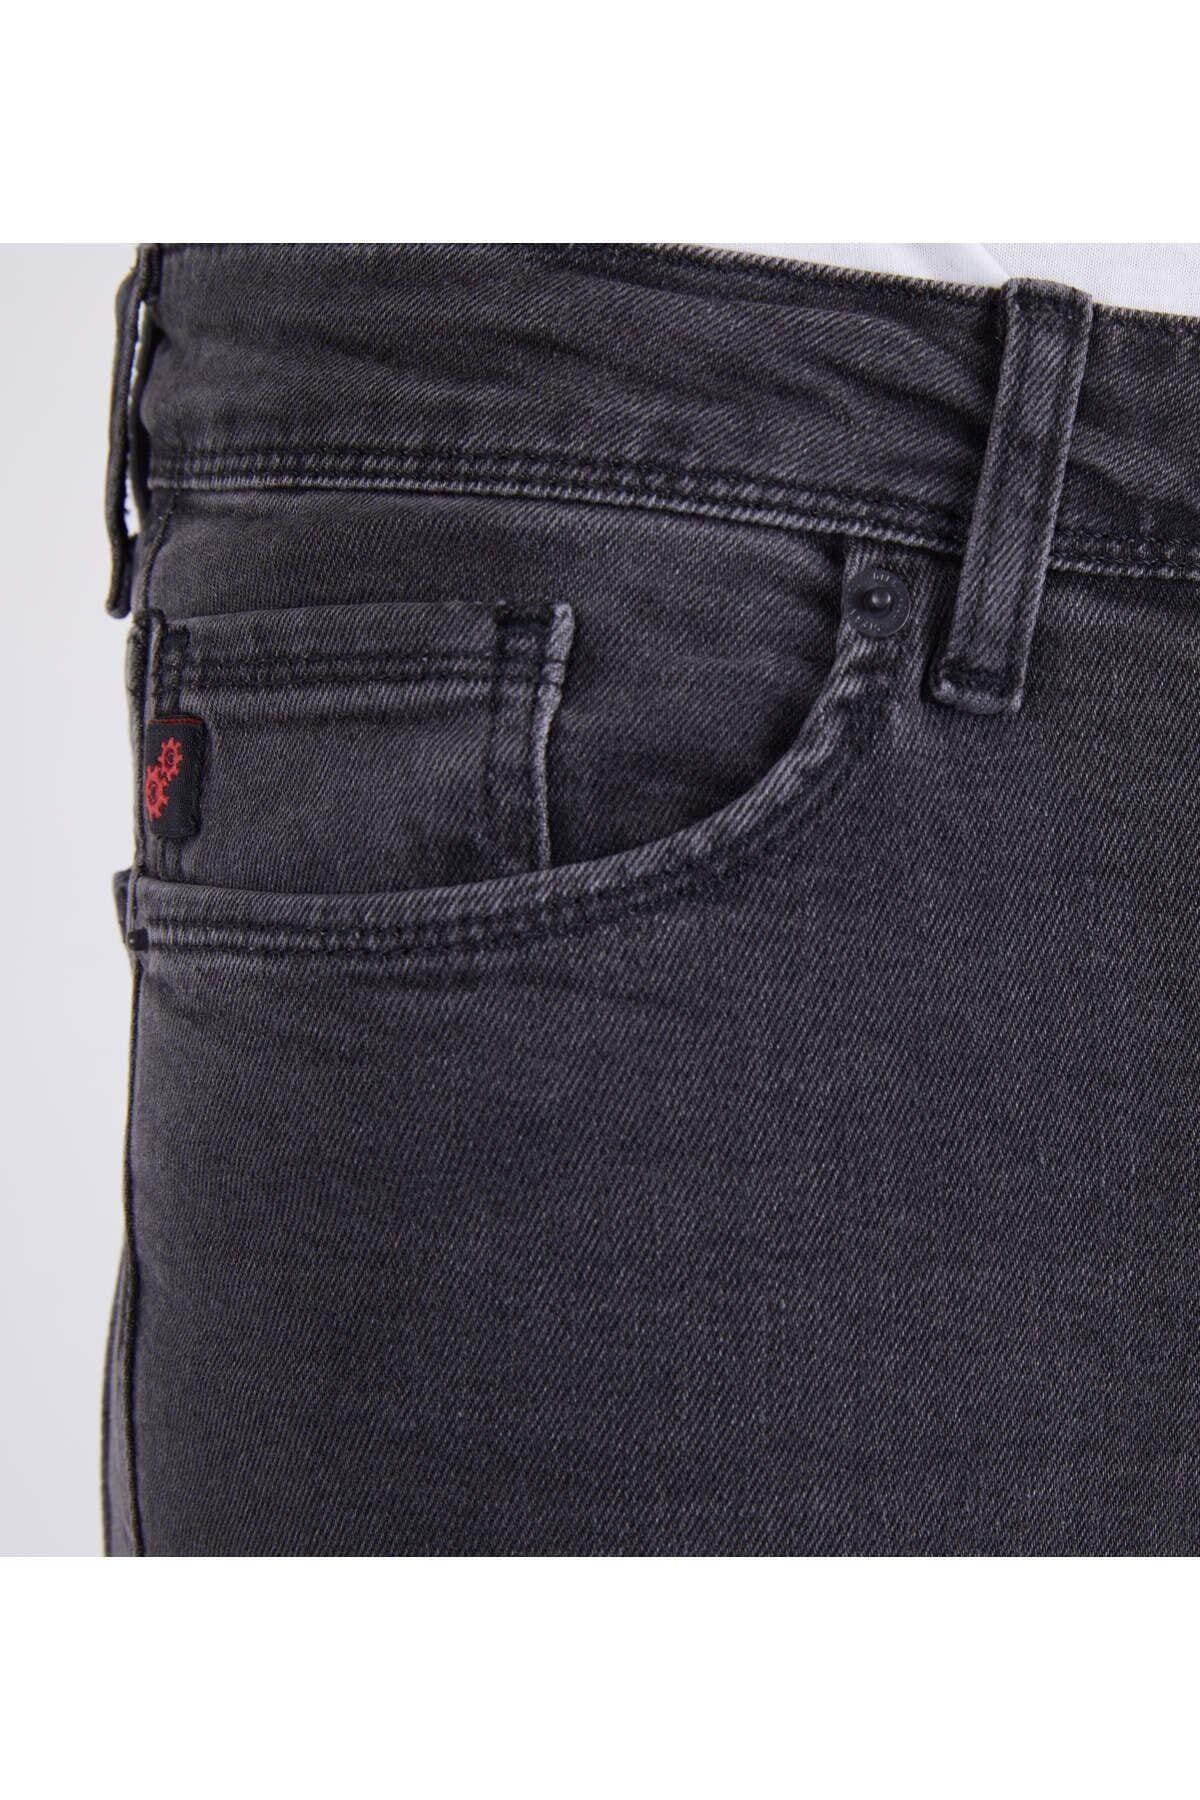 خرید اینترنتی شلوار جین خاص برند XLack رنگ نقره ای کد ty100111971